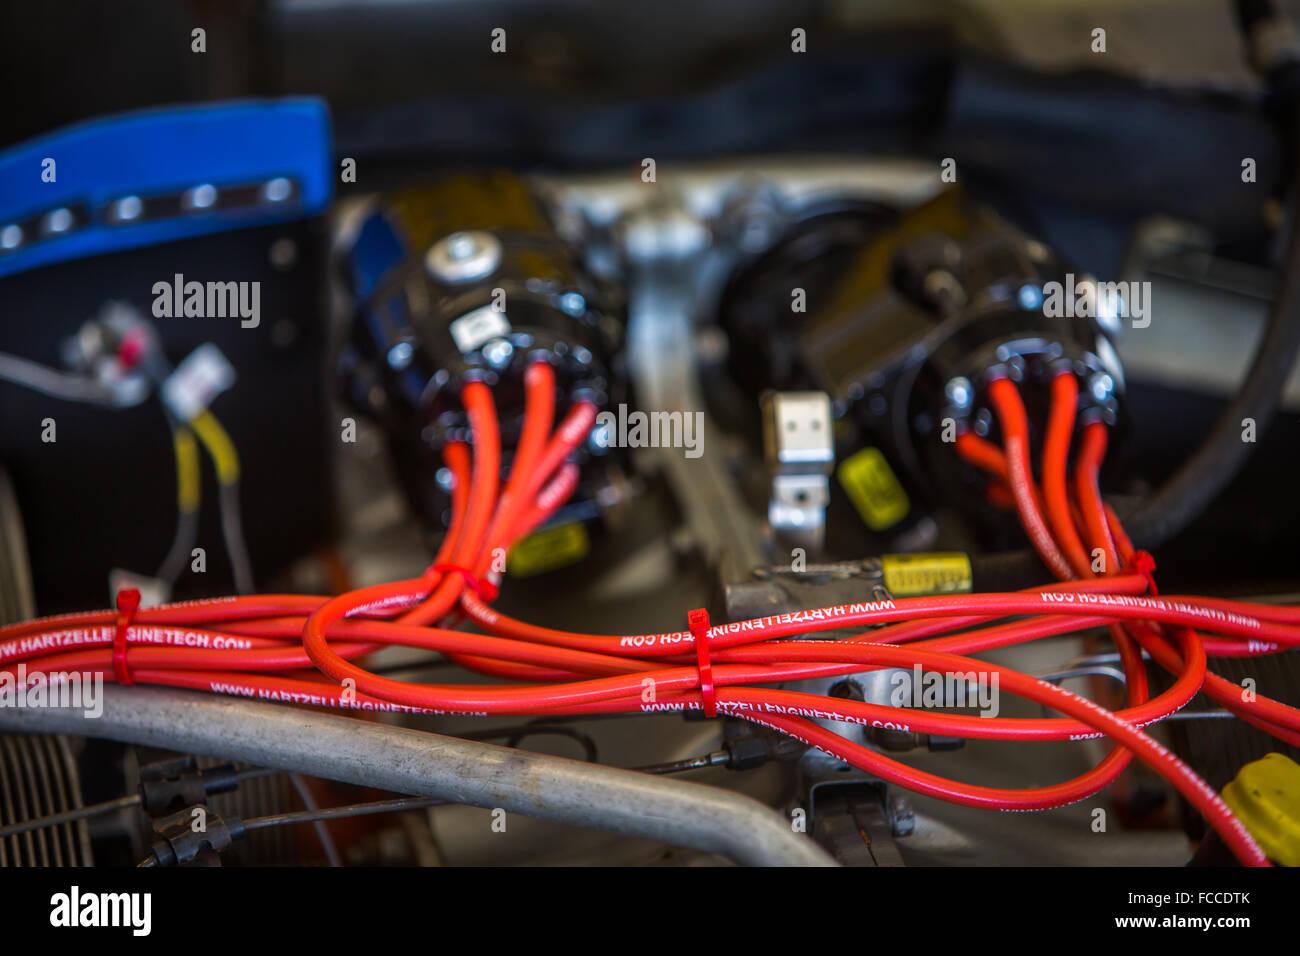 Nett Verdrahtung Von Elektromotoren Fotos - Die Besten Elektrischen ...